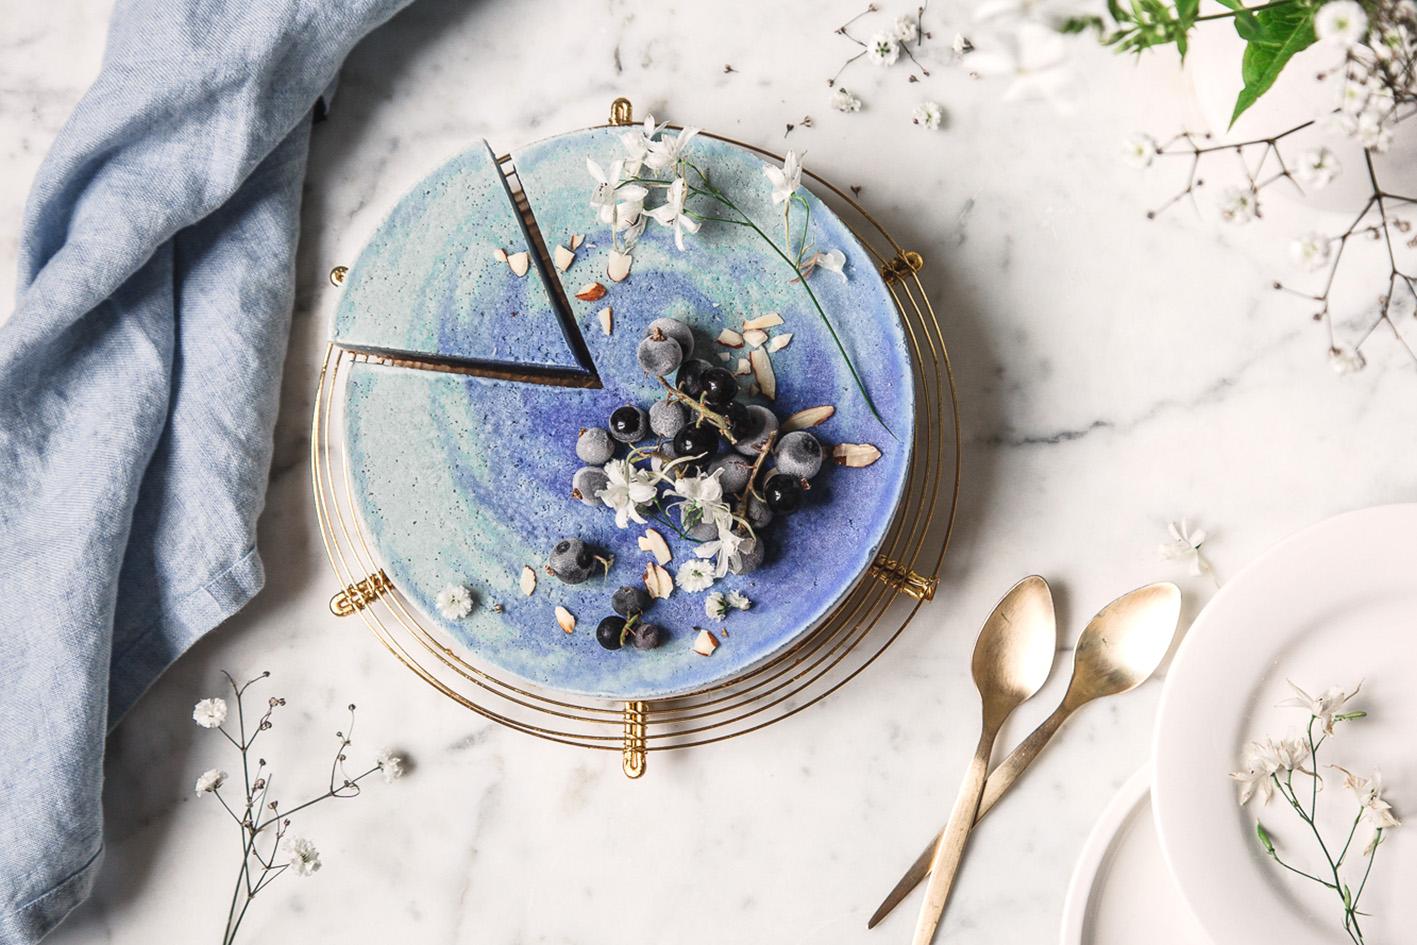 Angeschnittene blaue Eistorte mit Blaubeeren auf Marmortisch.